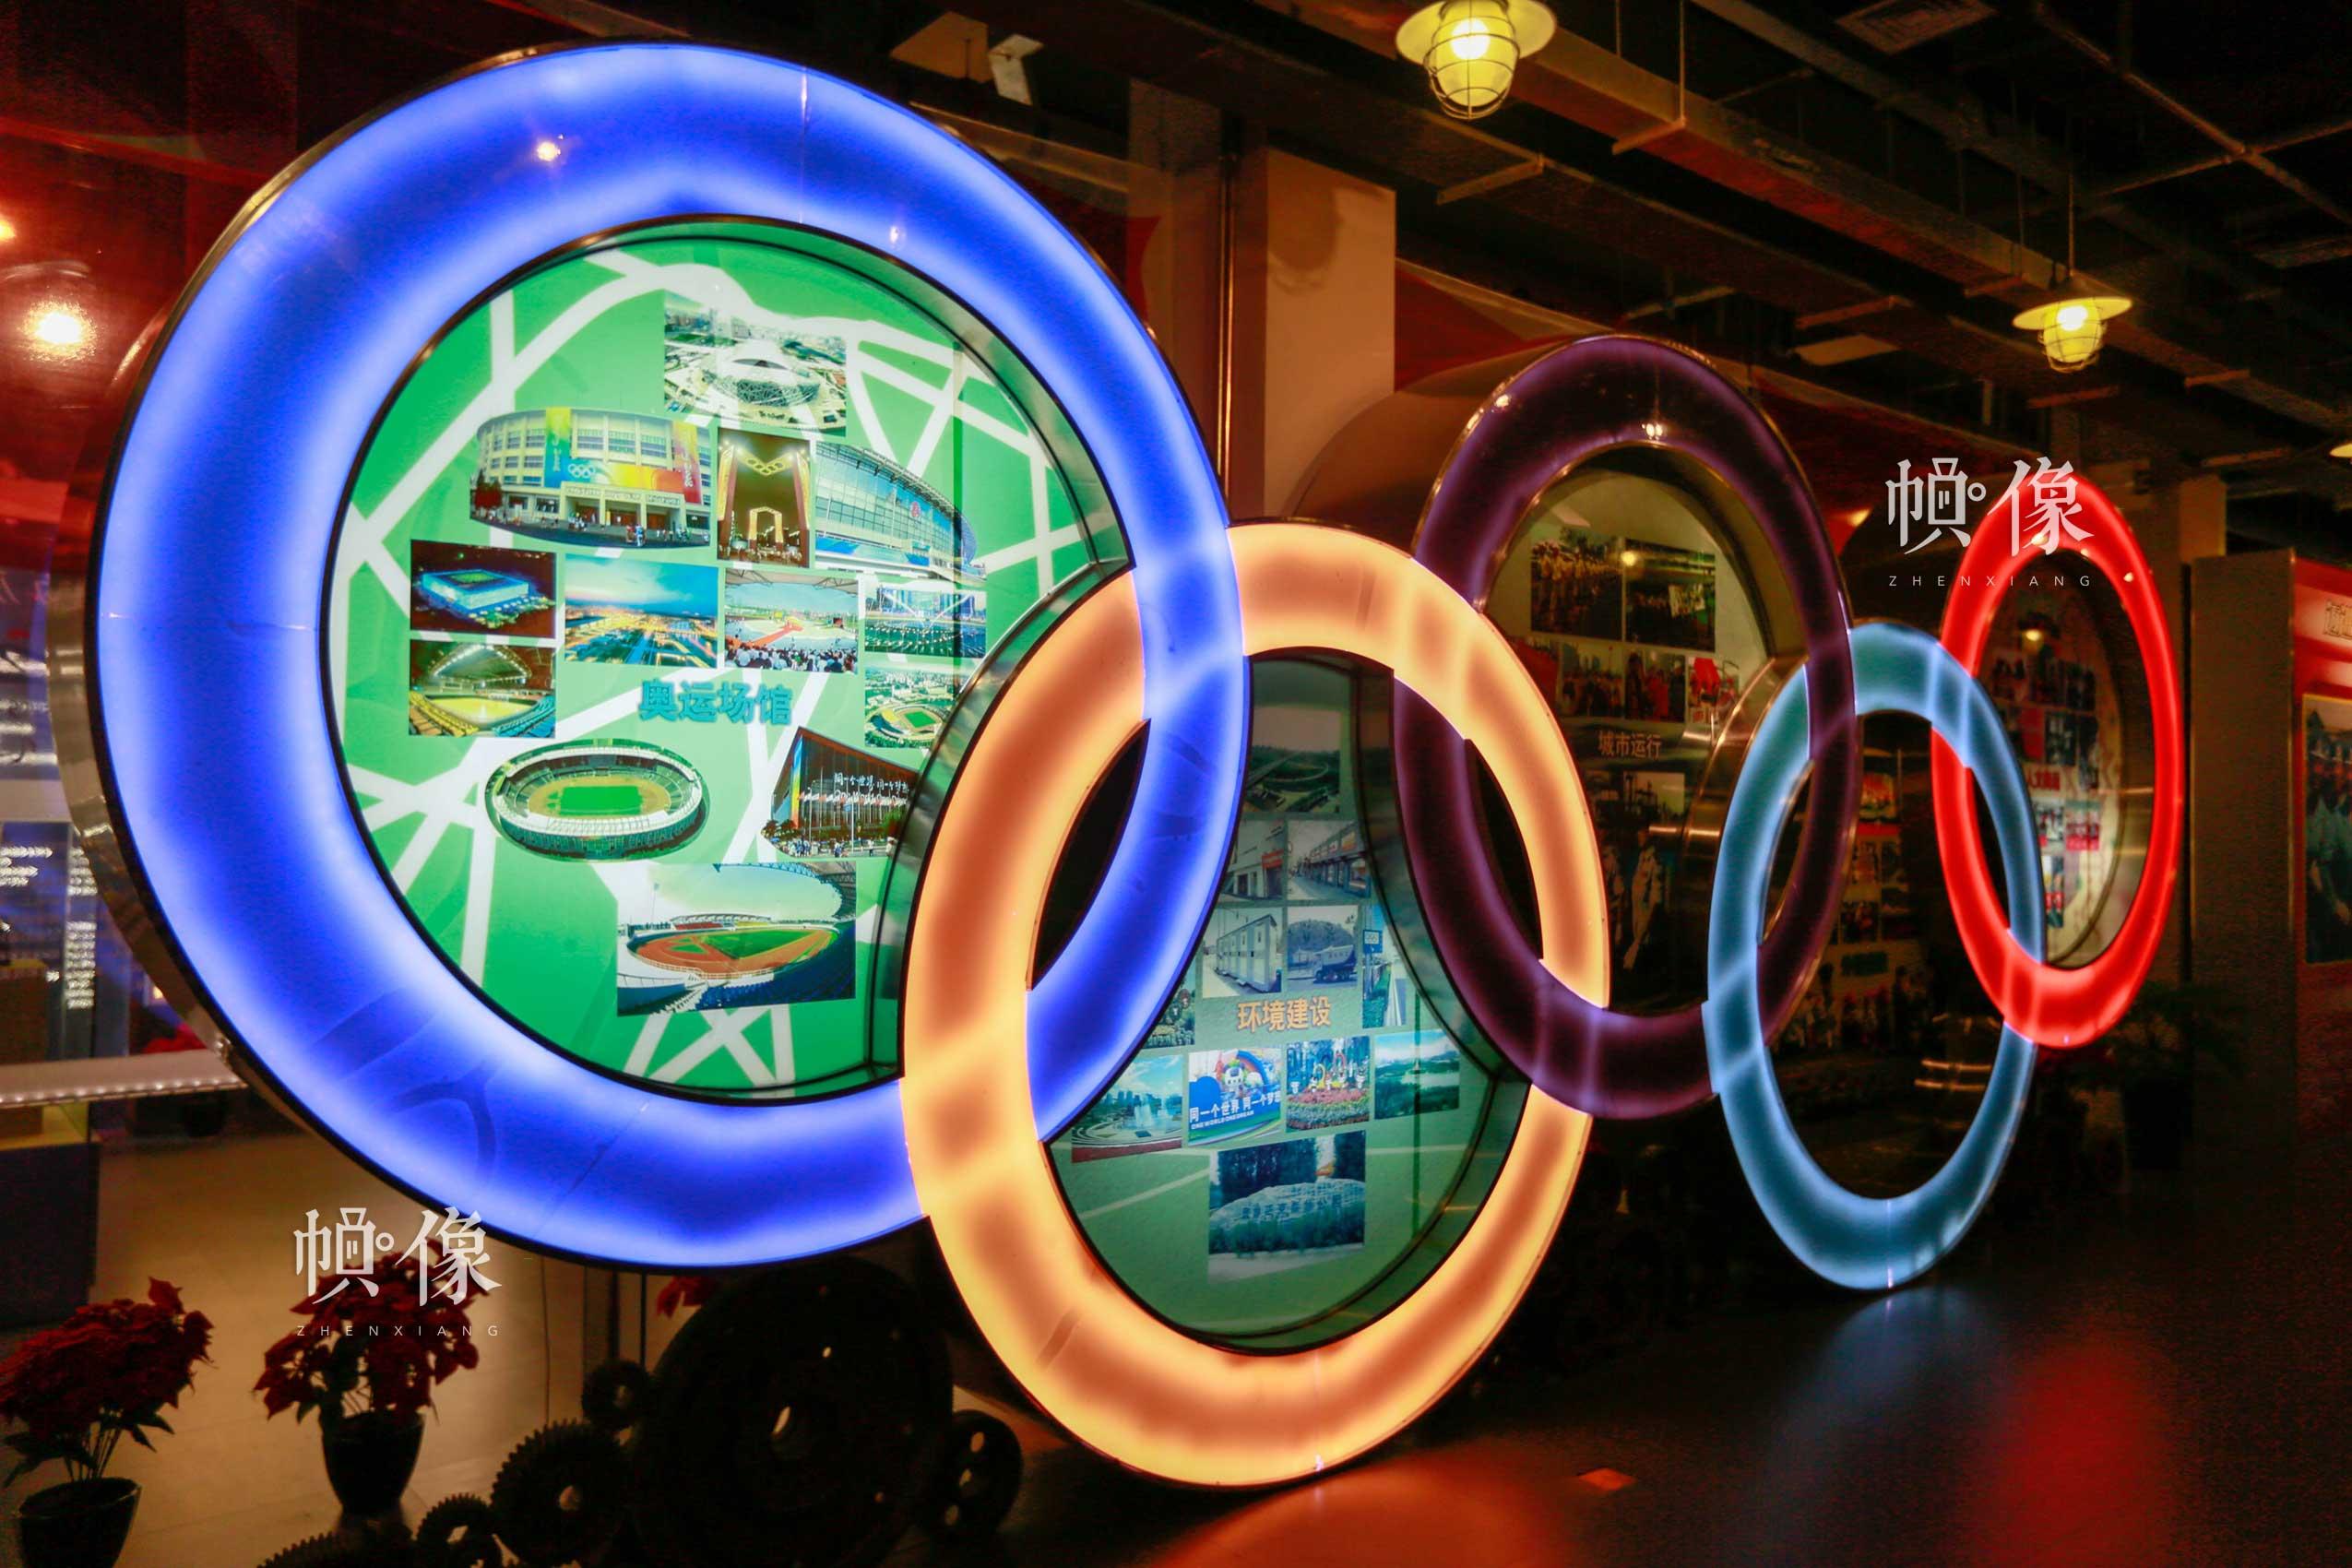 朝阳规划艺术馆现代展区一角,陈列奥运相关内容展品。朝阳规划艺术馆供图